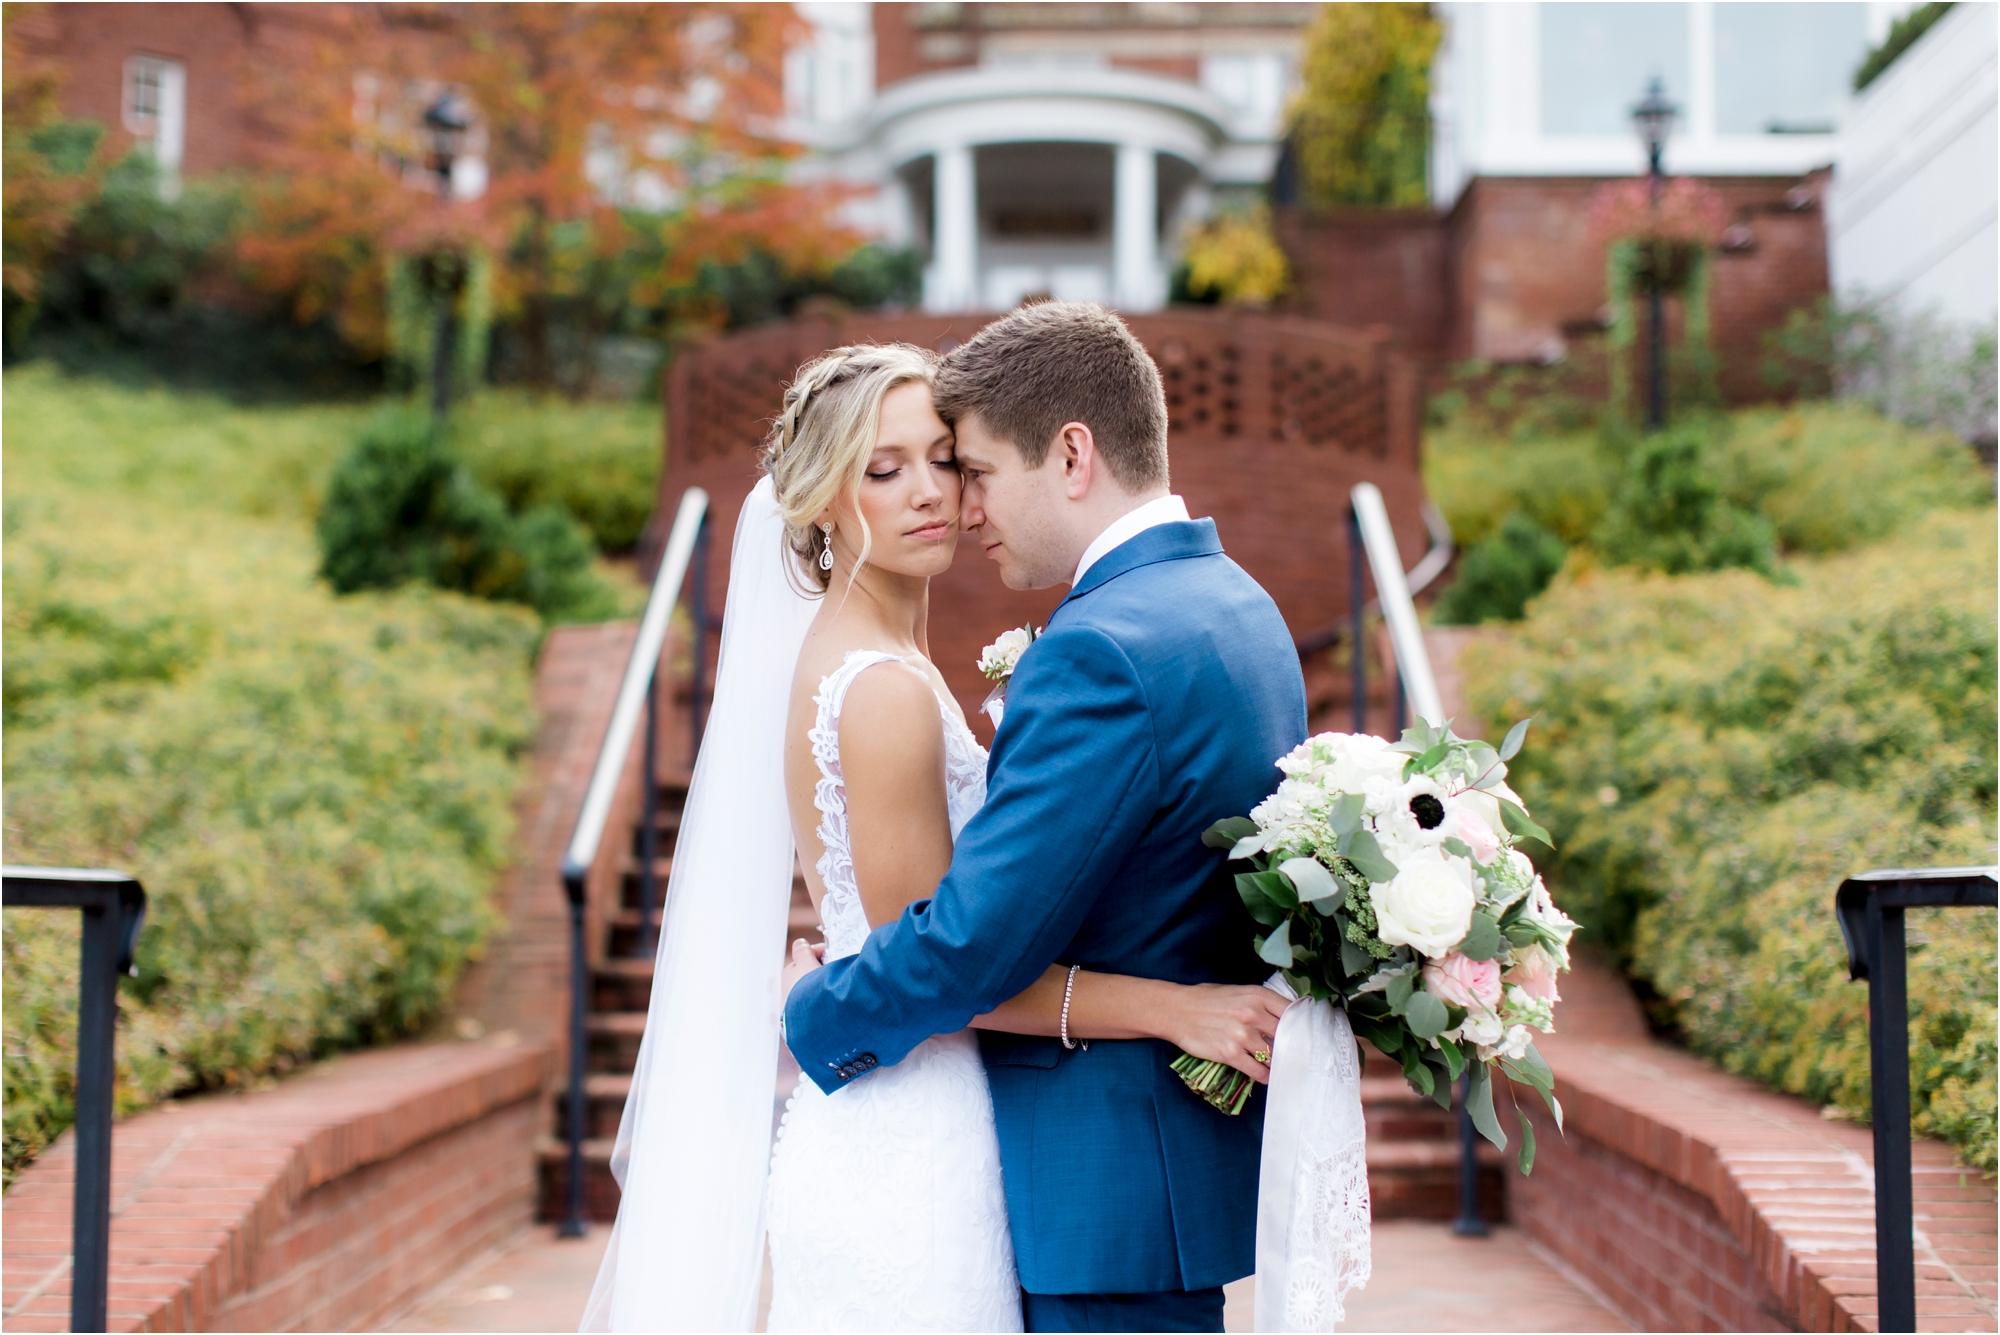 brooke-ilya-fall-virginia-omni-homestead-resort-wedding-photos_0021.jpg